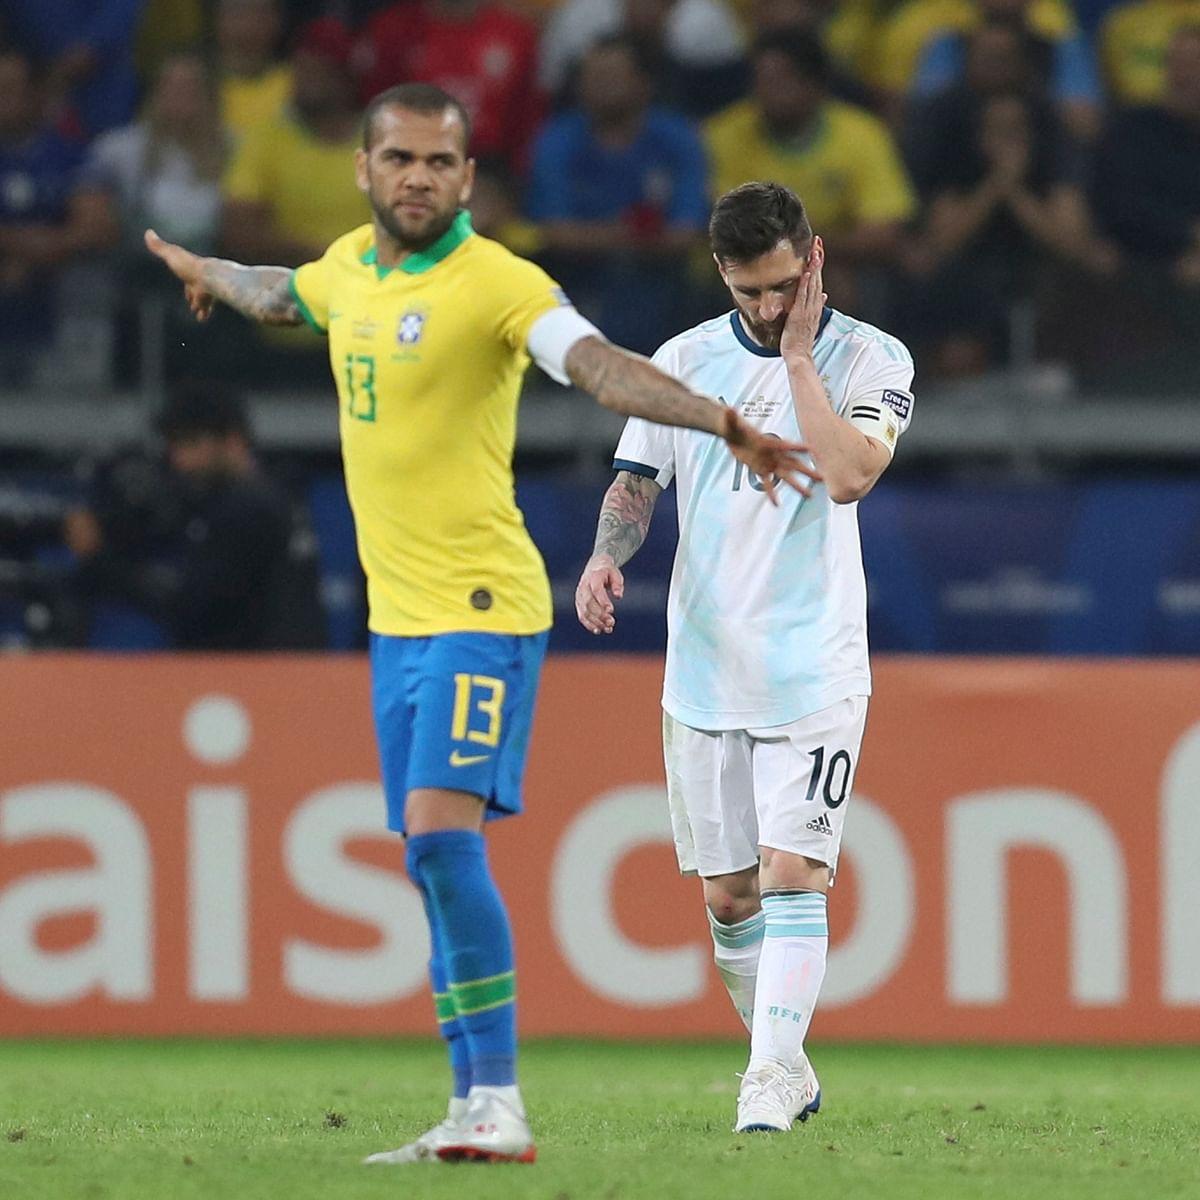 Copa America: Brazil beat Argentina 2-0 to reach in final